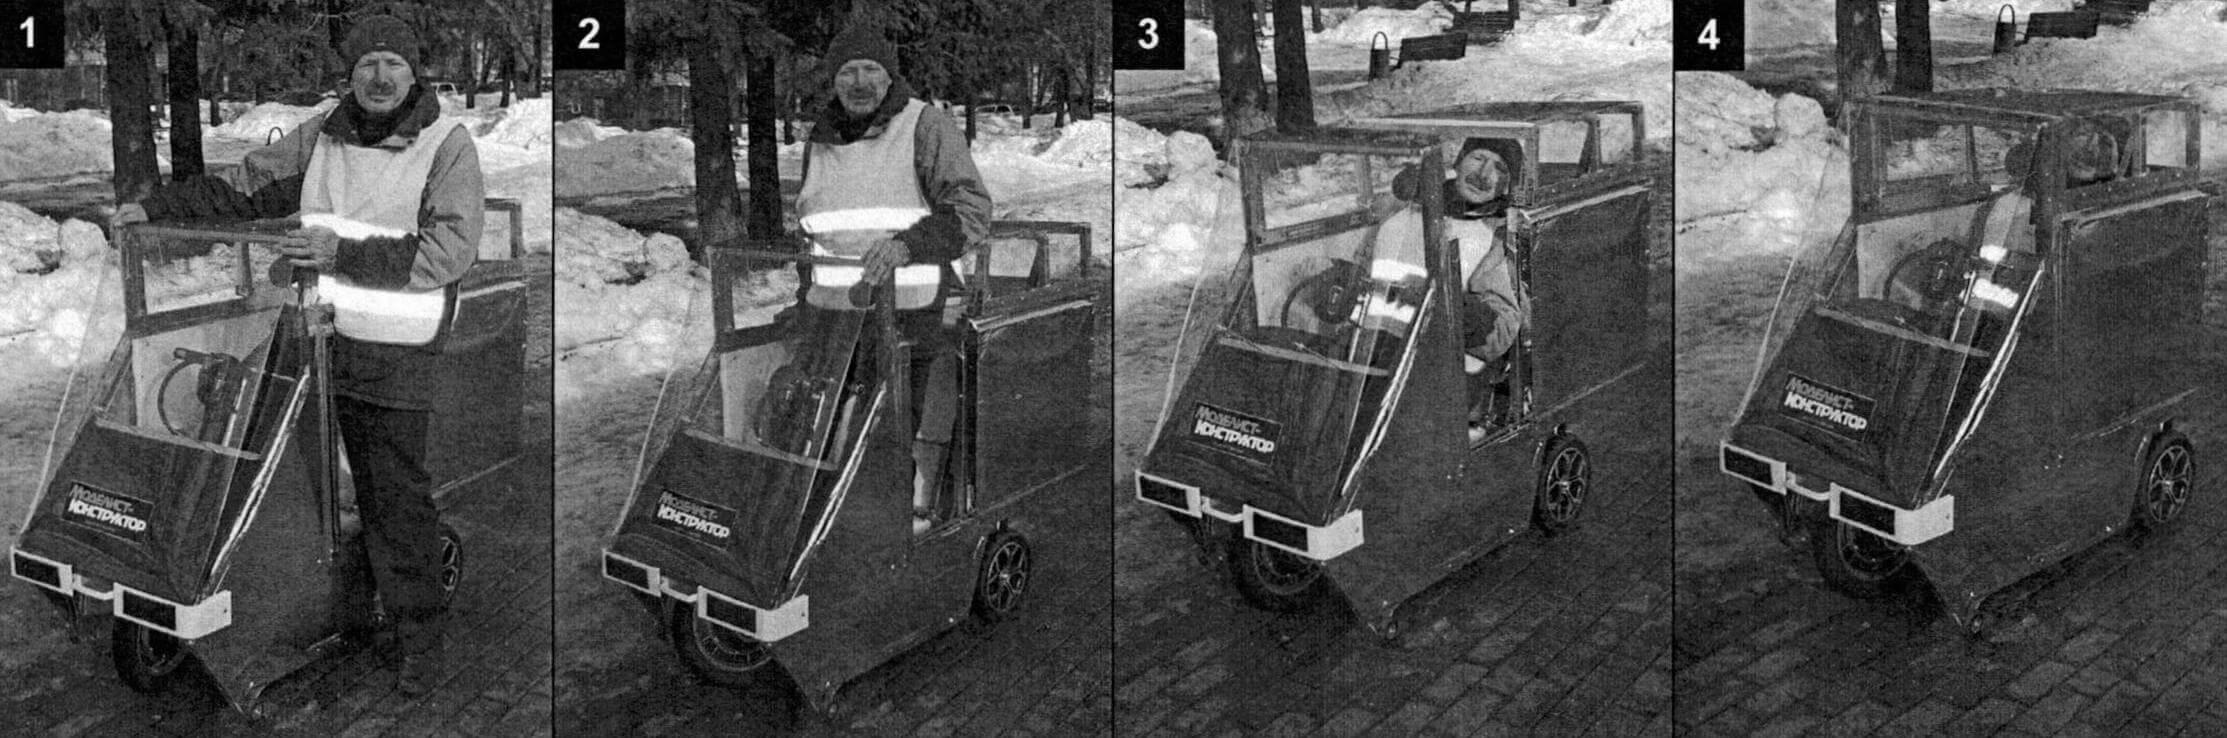 Концепция транспортного средства осталась прежней: сдвигаем дверь вместе с «фонарем» назад (1), заходим боком внутрь (2), садимся на сиденье (3) и закрываем дверь вместе с «фонарем» или отдельно от него (4)